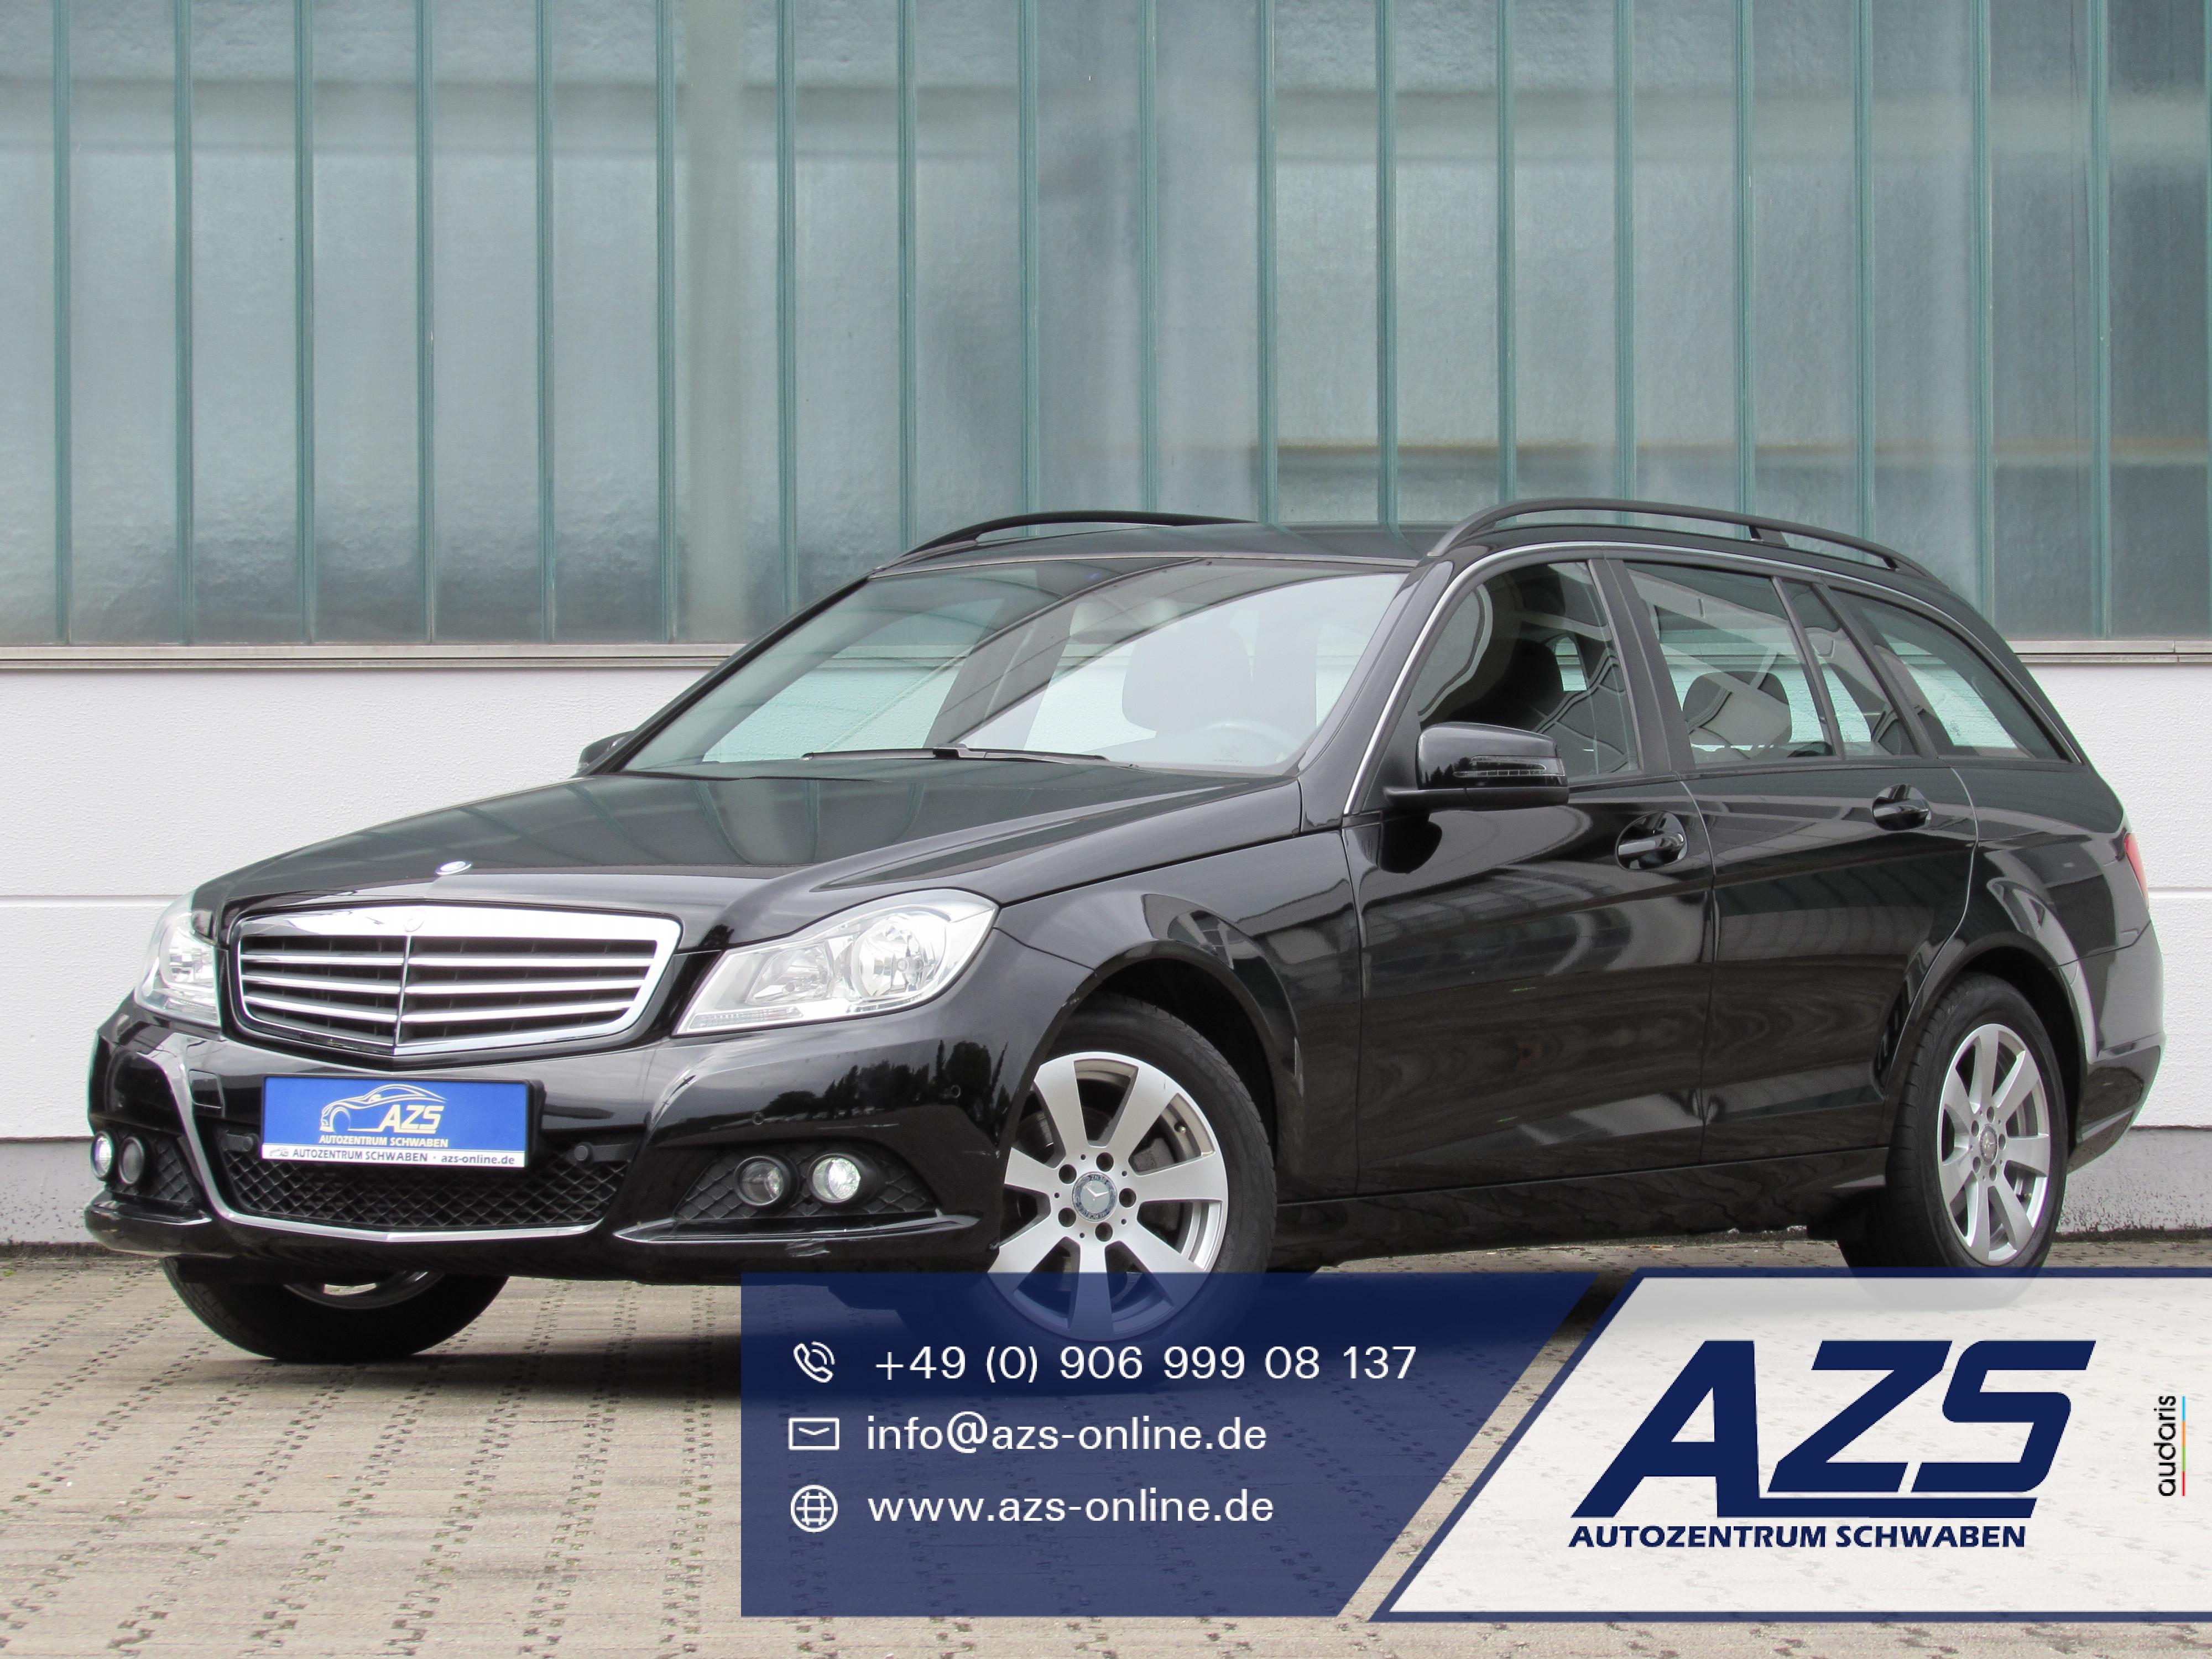 Mercedes-Benz C 200 CDI | Navi | Klimauto | Parkhilfe | 1,99%, Jahr 2014, Diesel